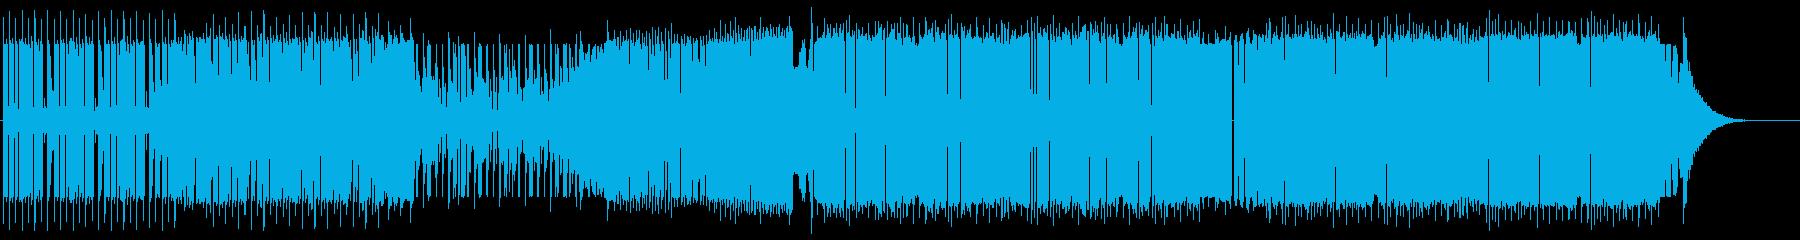 ベース音が細かいDubstepの再生済みの波形